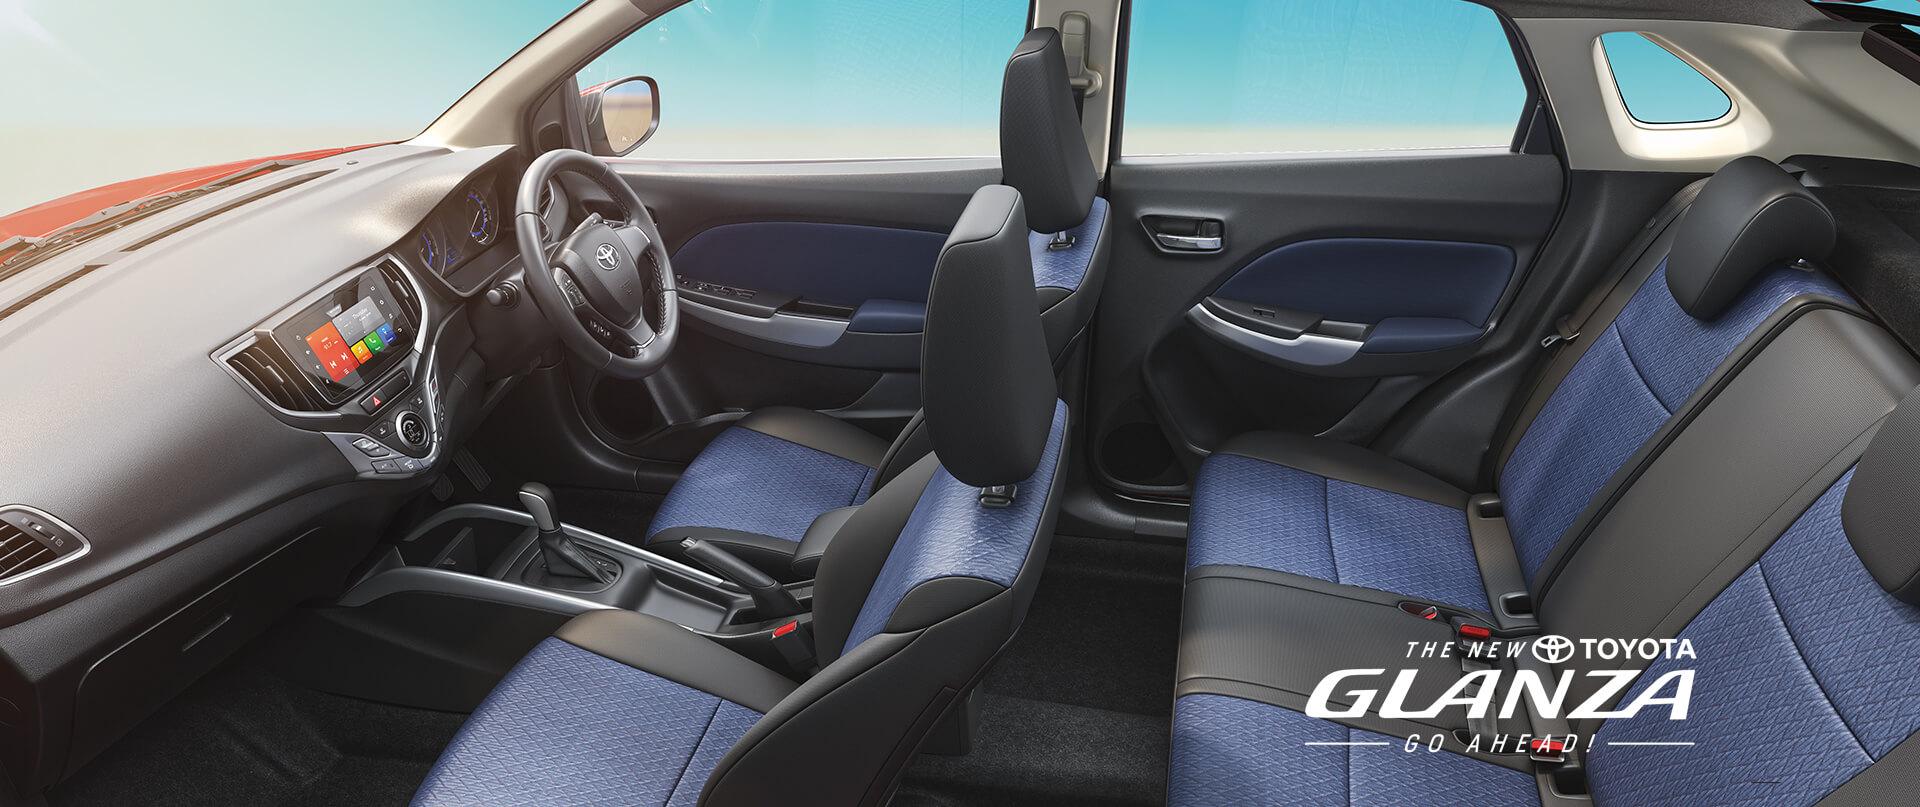 Toyota Glanza interiors